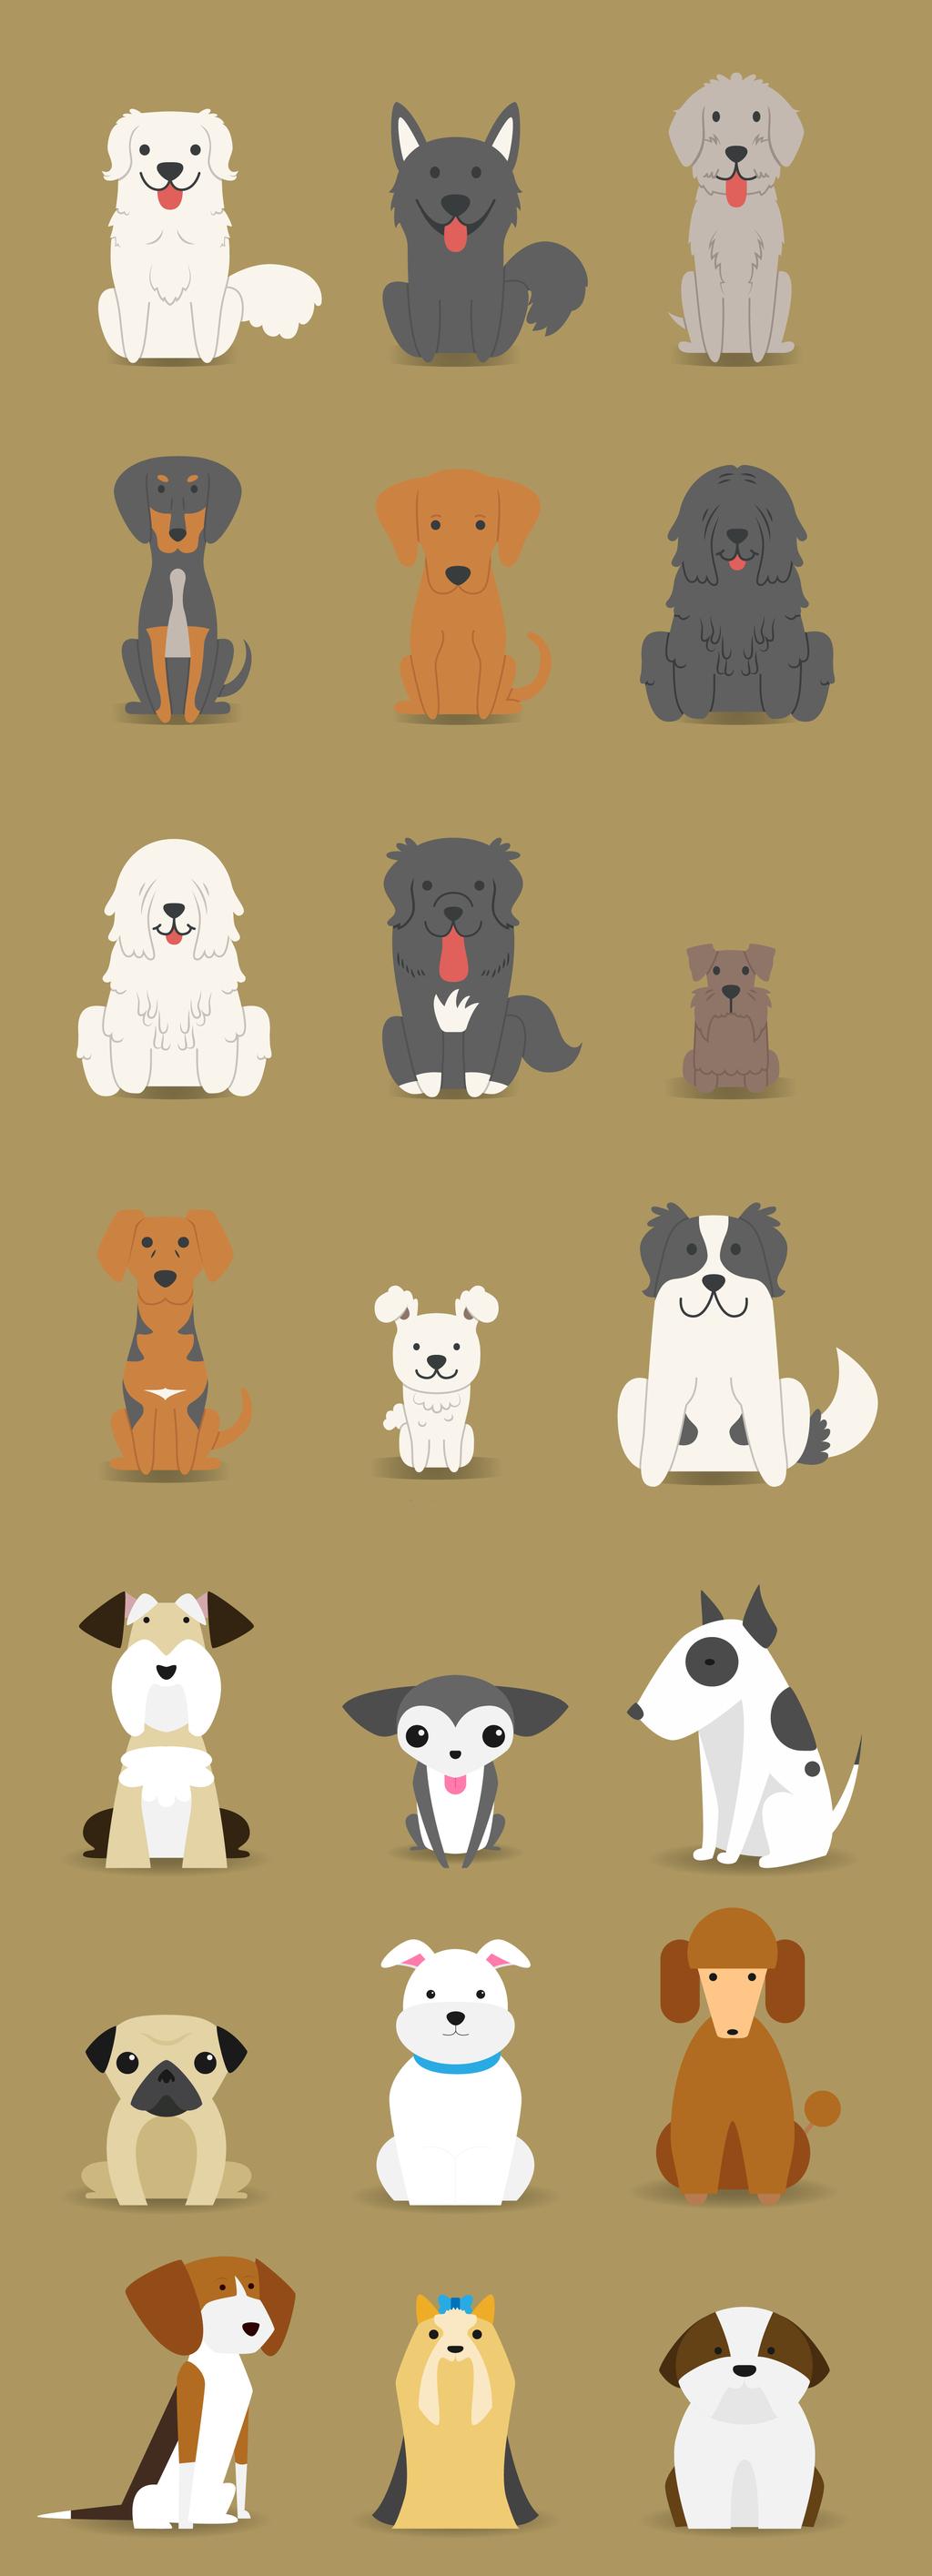 动画动物黄色背景卡通手绘小狗斑点狗边牧